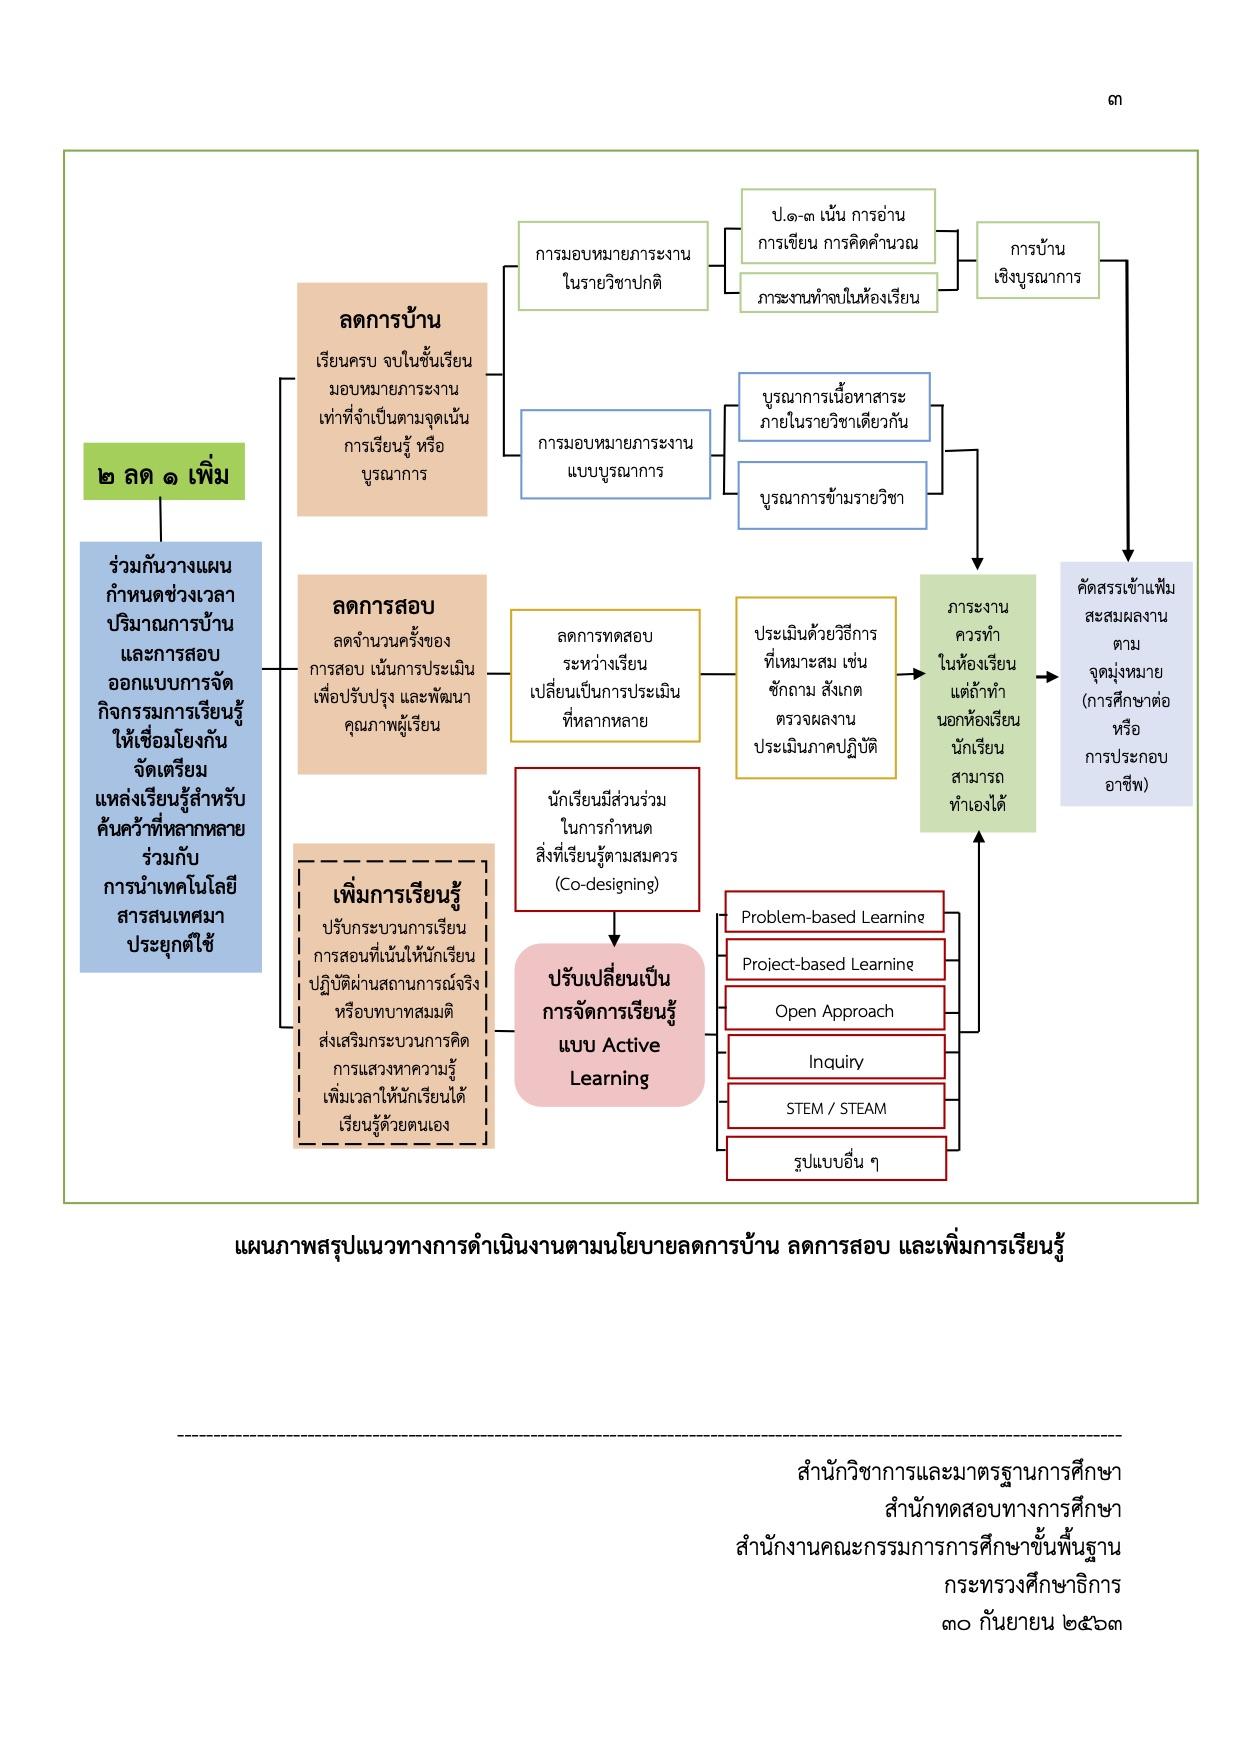 แนวทางการดำเนินงานตามนโยบาย ลดการบ้าน ลดการสอบ และเพิ่มการเรียนรู้ a3